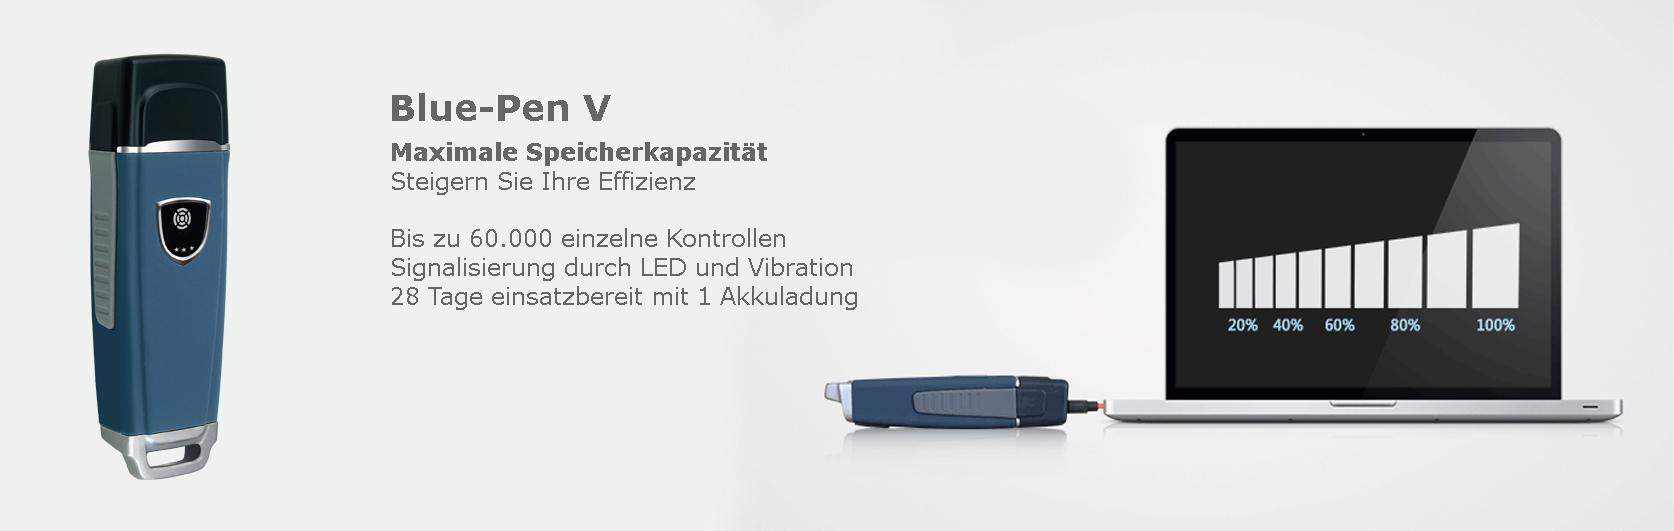 Blue-Pen V Wächterkontrollsystem